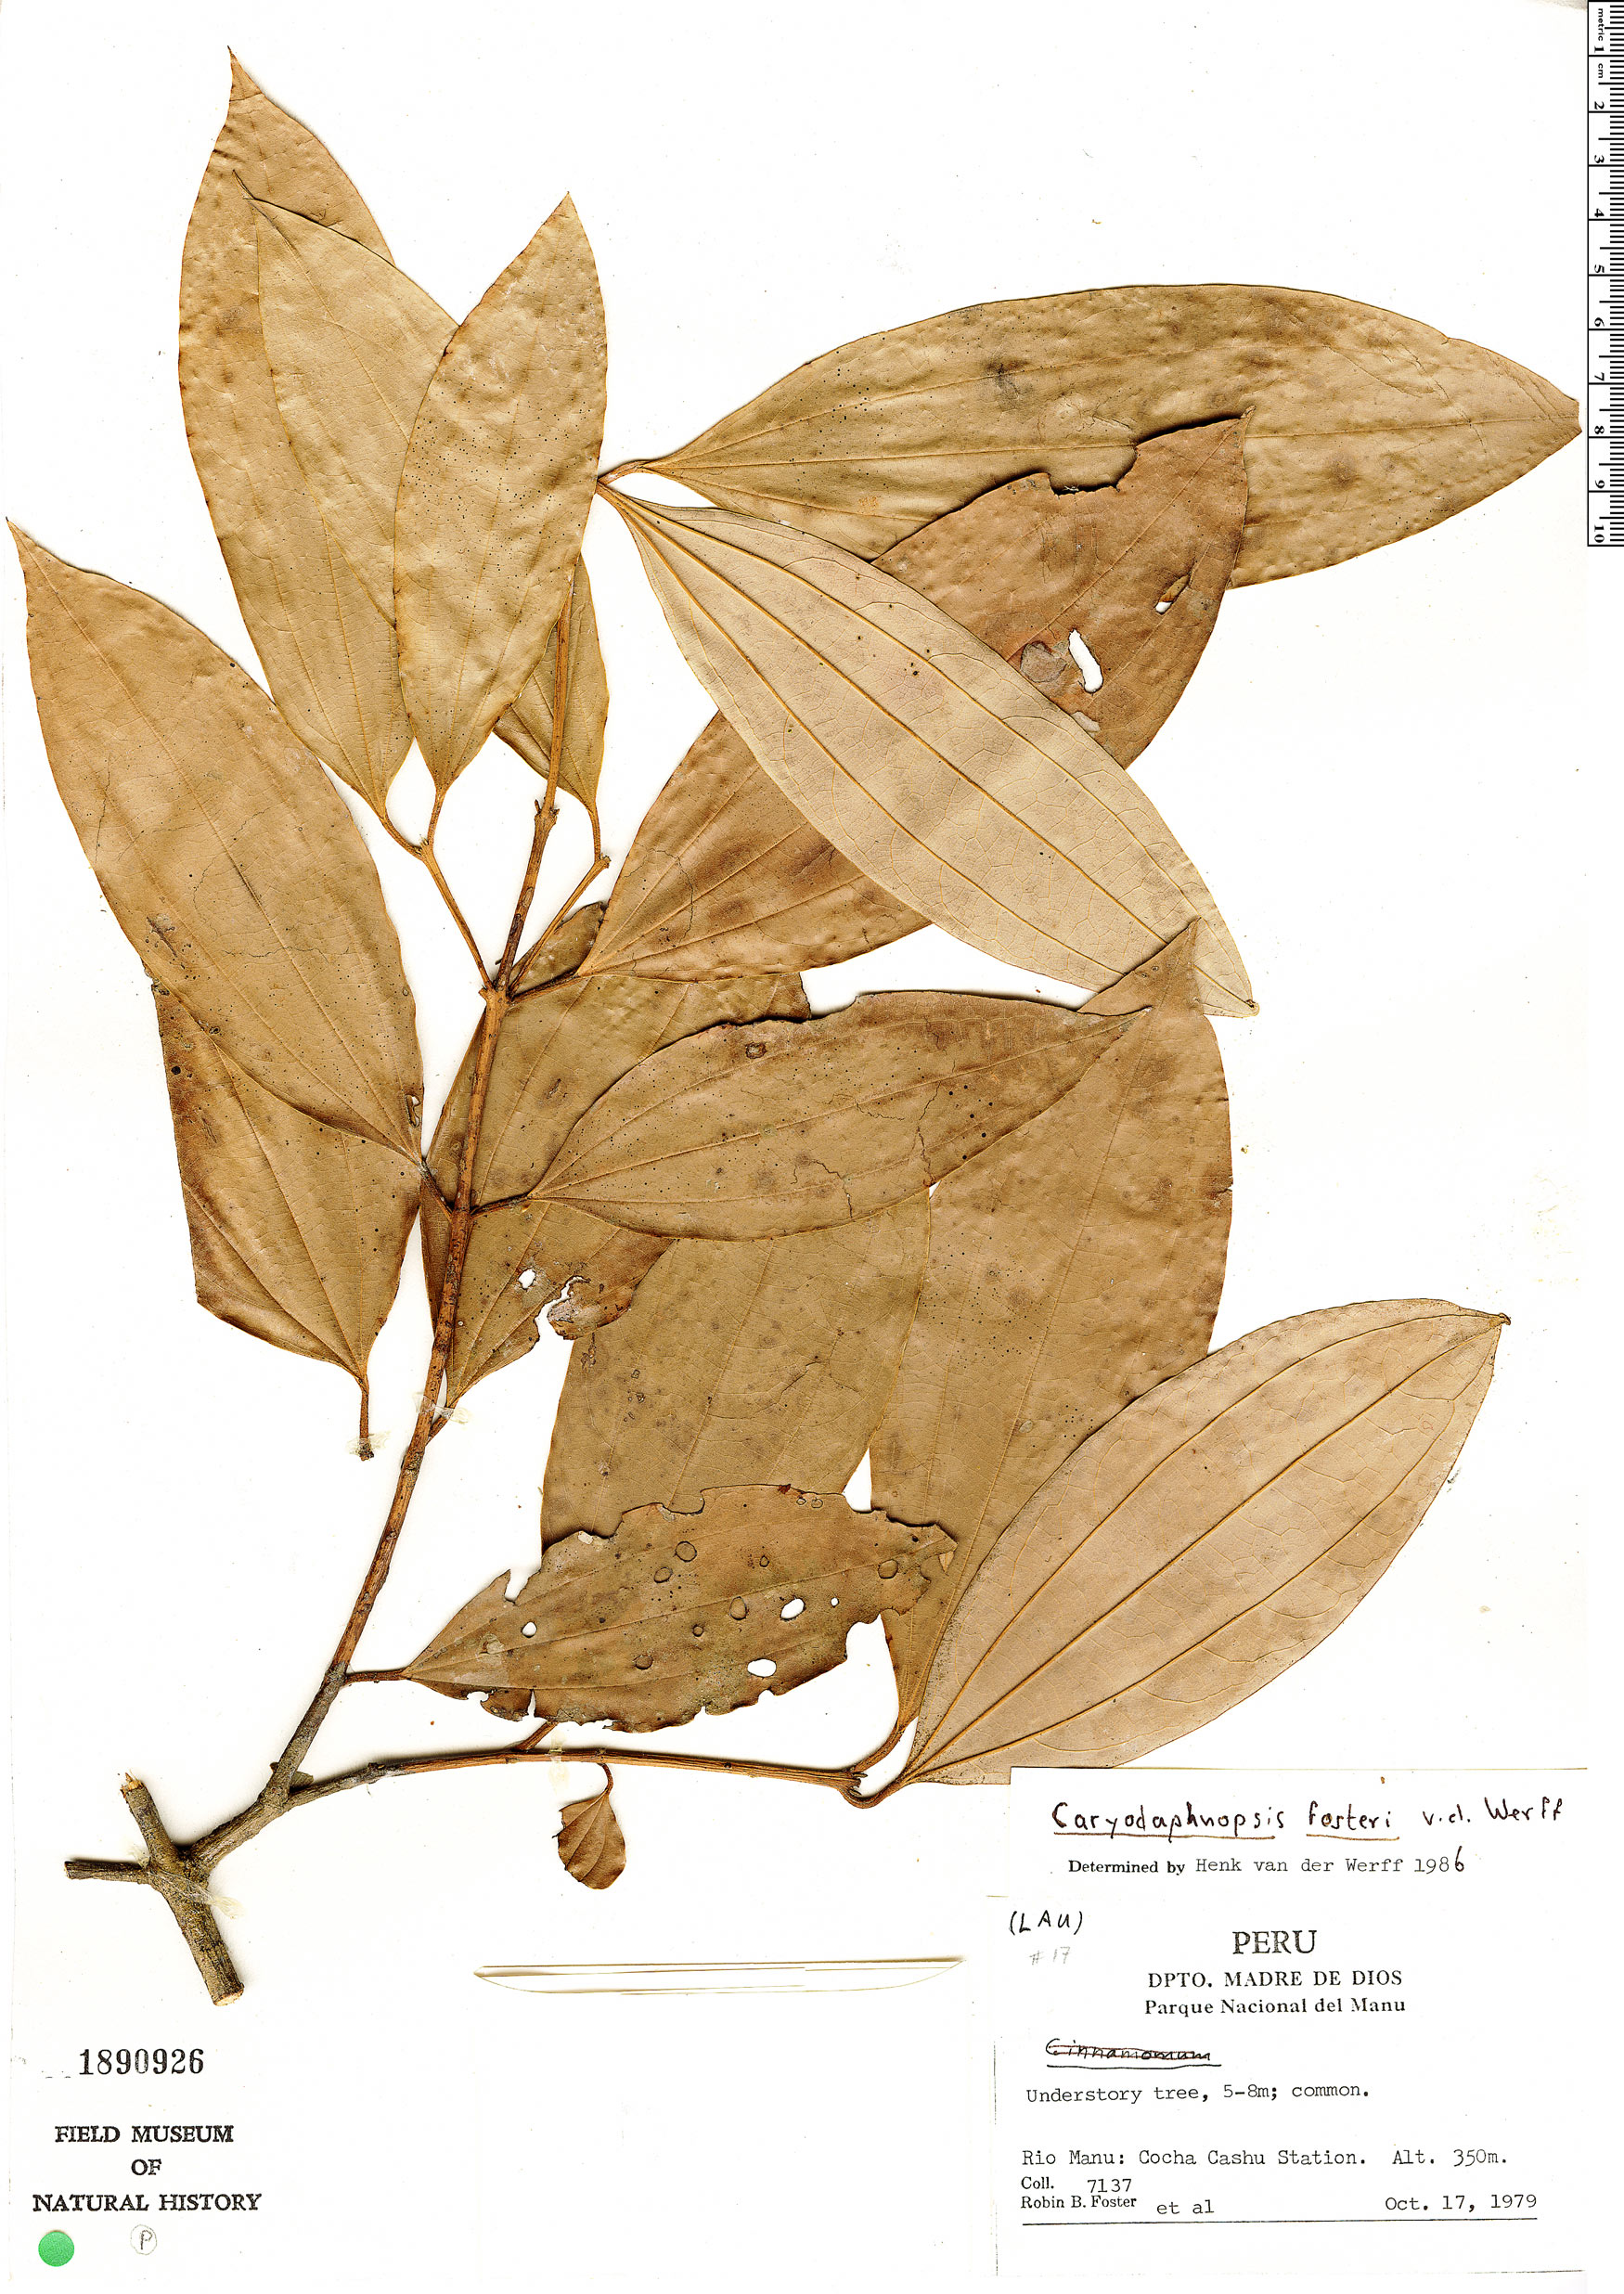 Espécimen: Caryodaphnopsis fosteri